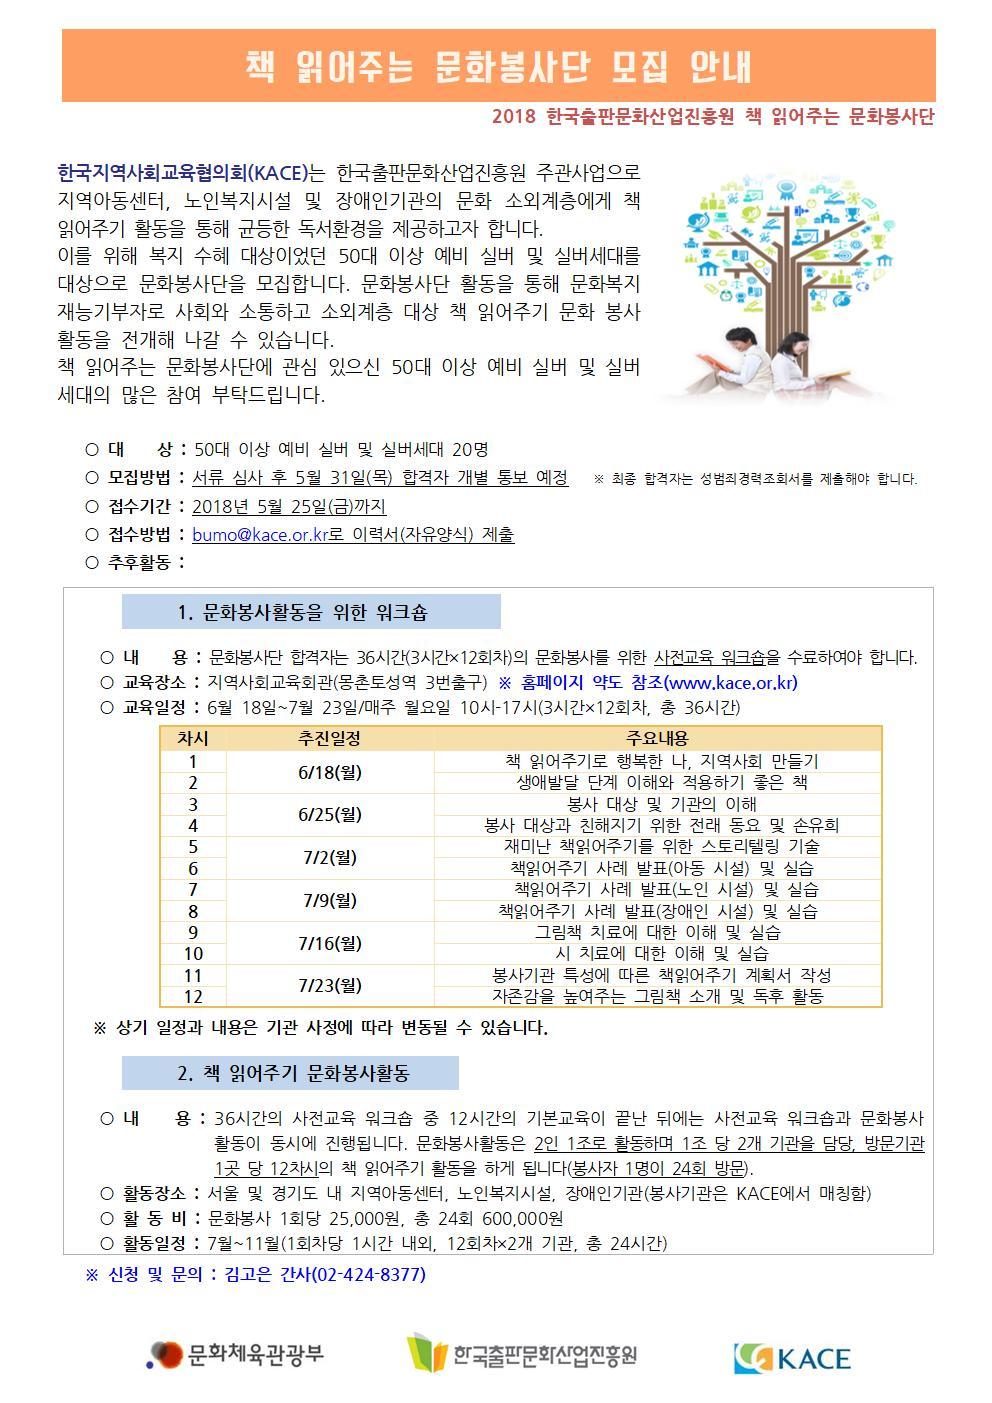 문화봉사단 신청 안내문(봉사단)_수정001.jpg